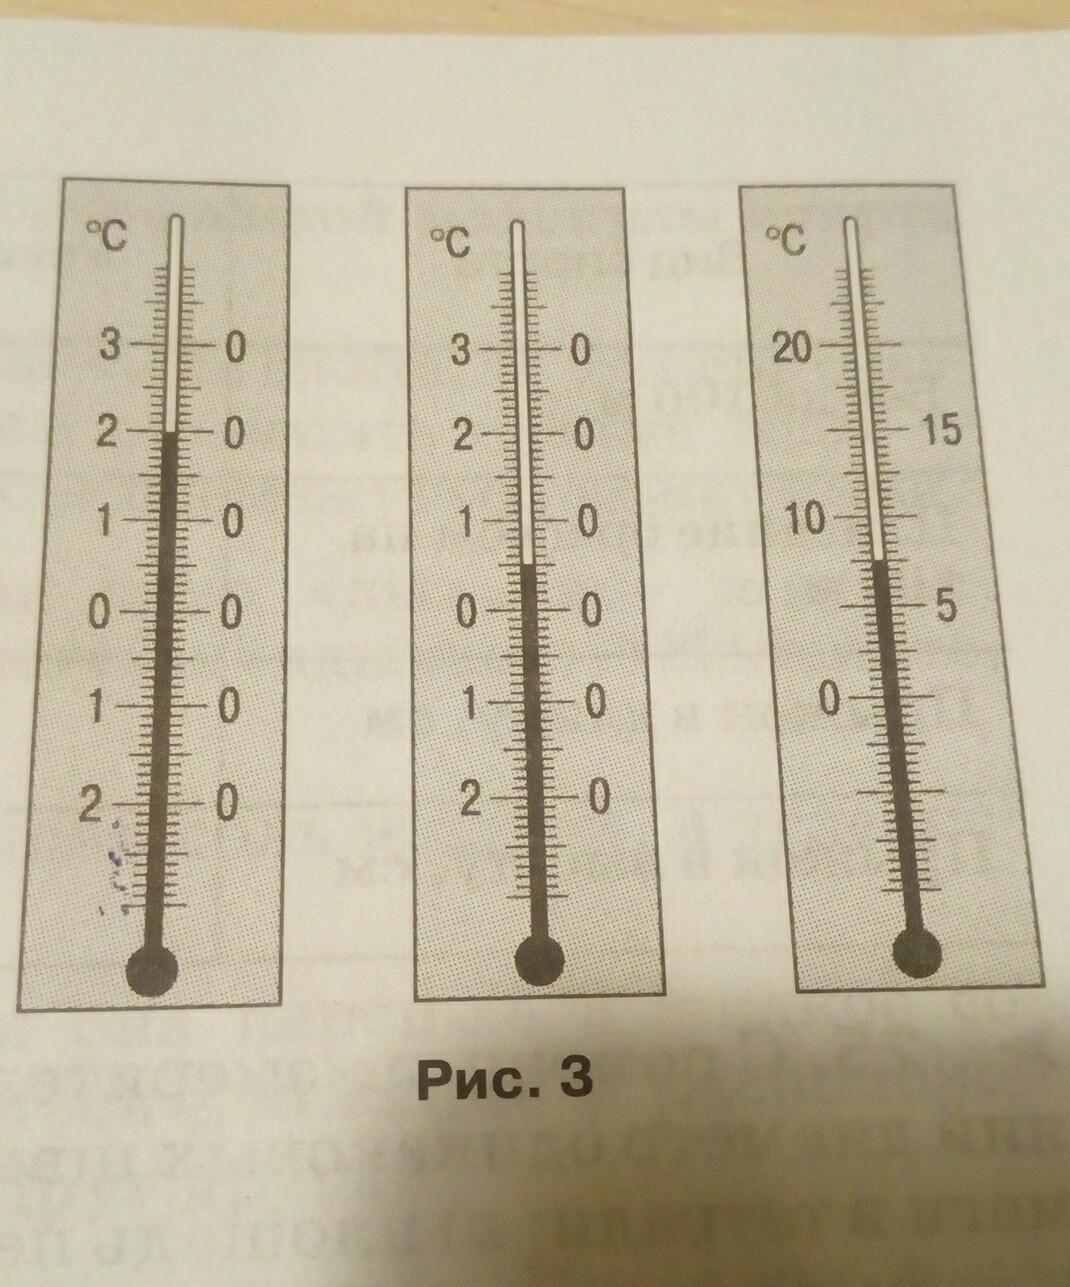 Шкала - это... цена деления шкалы прибора